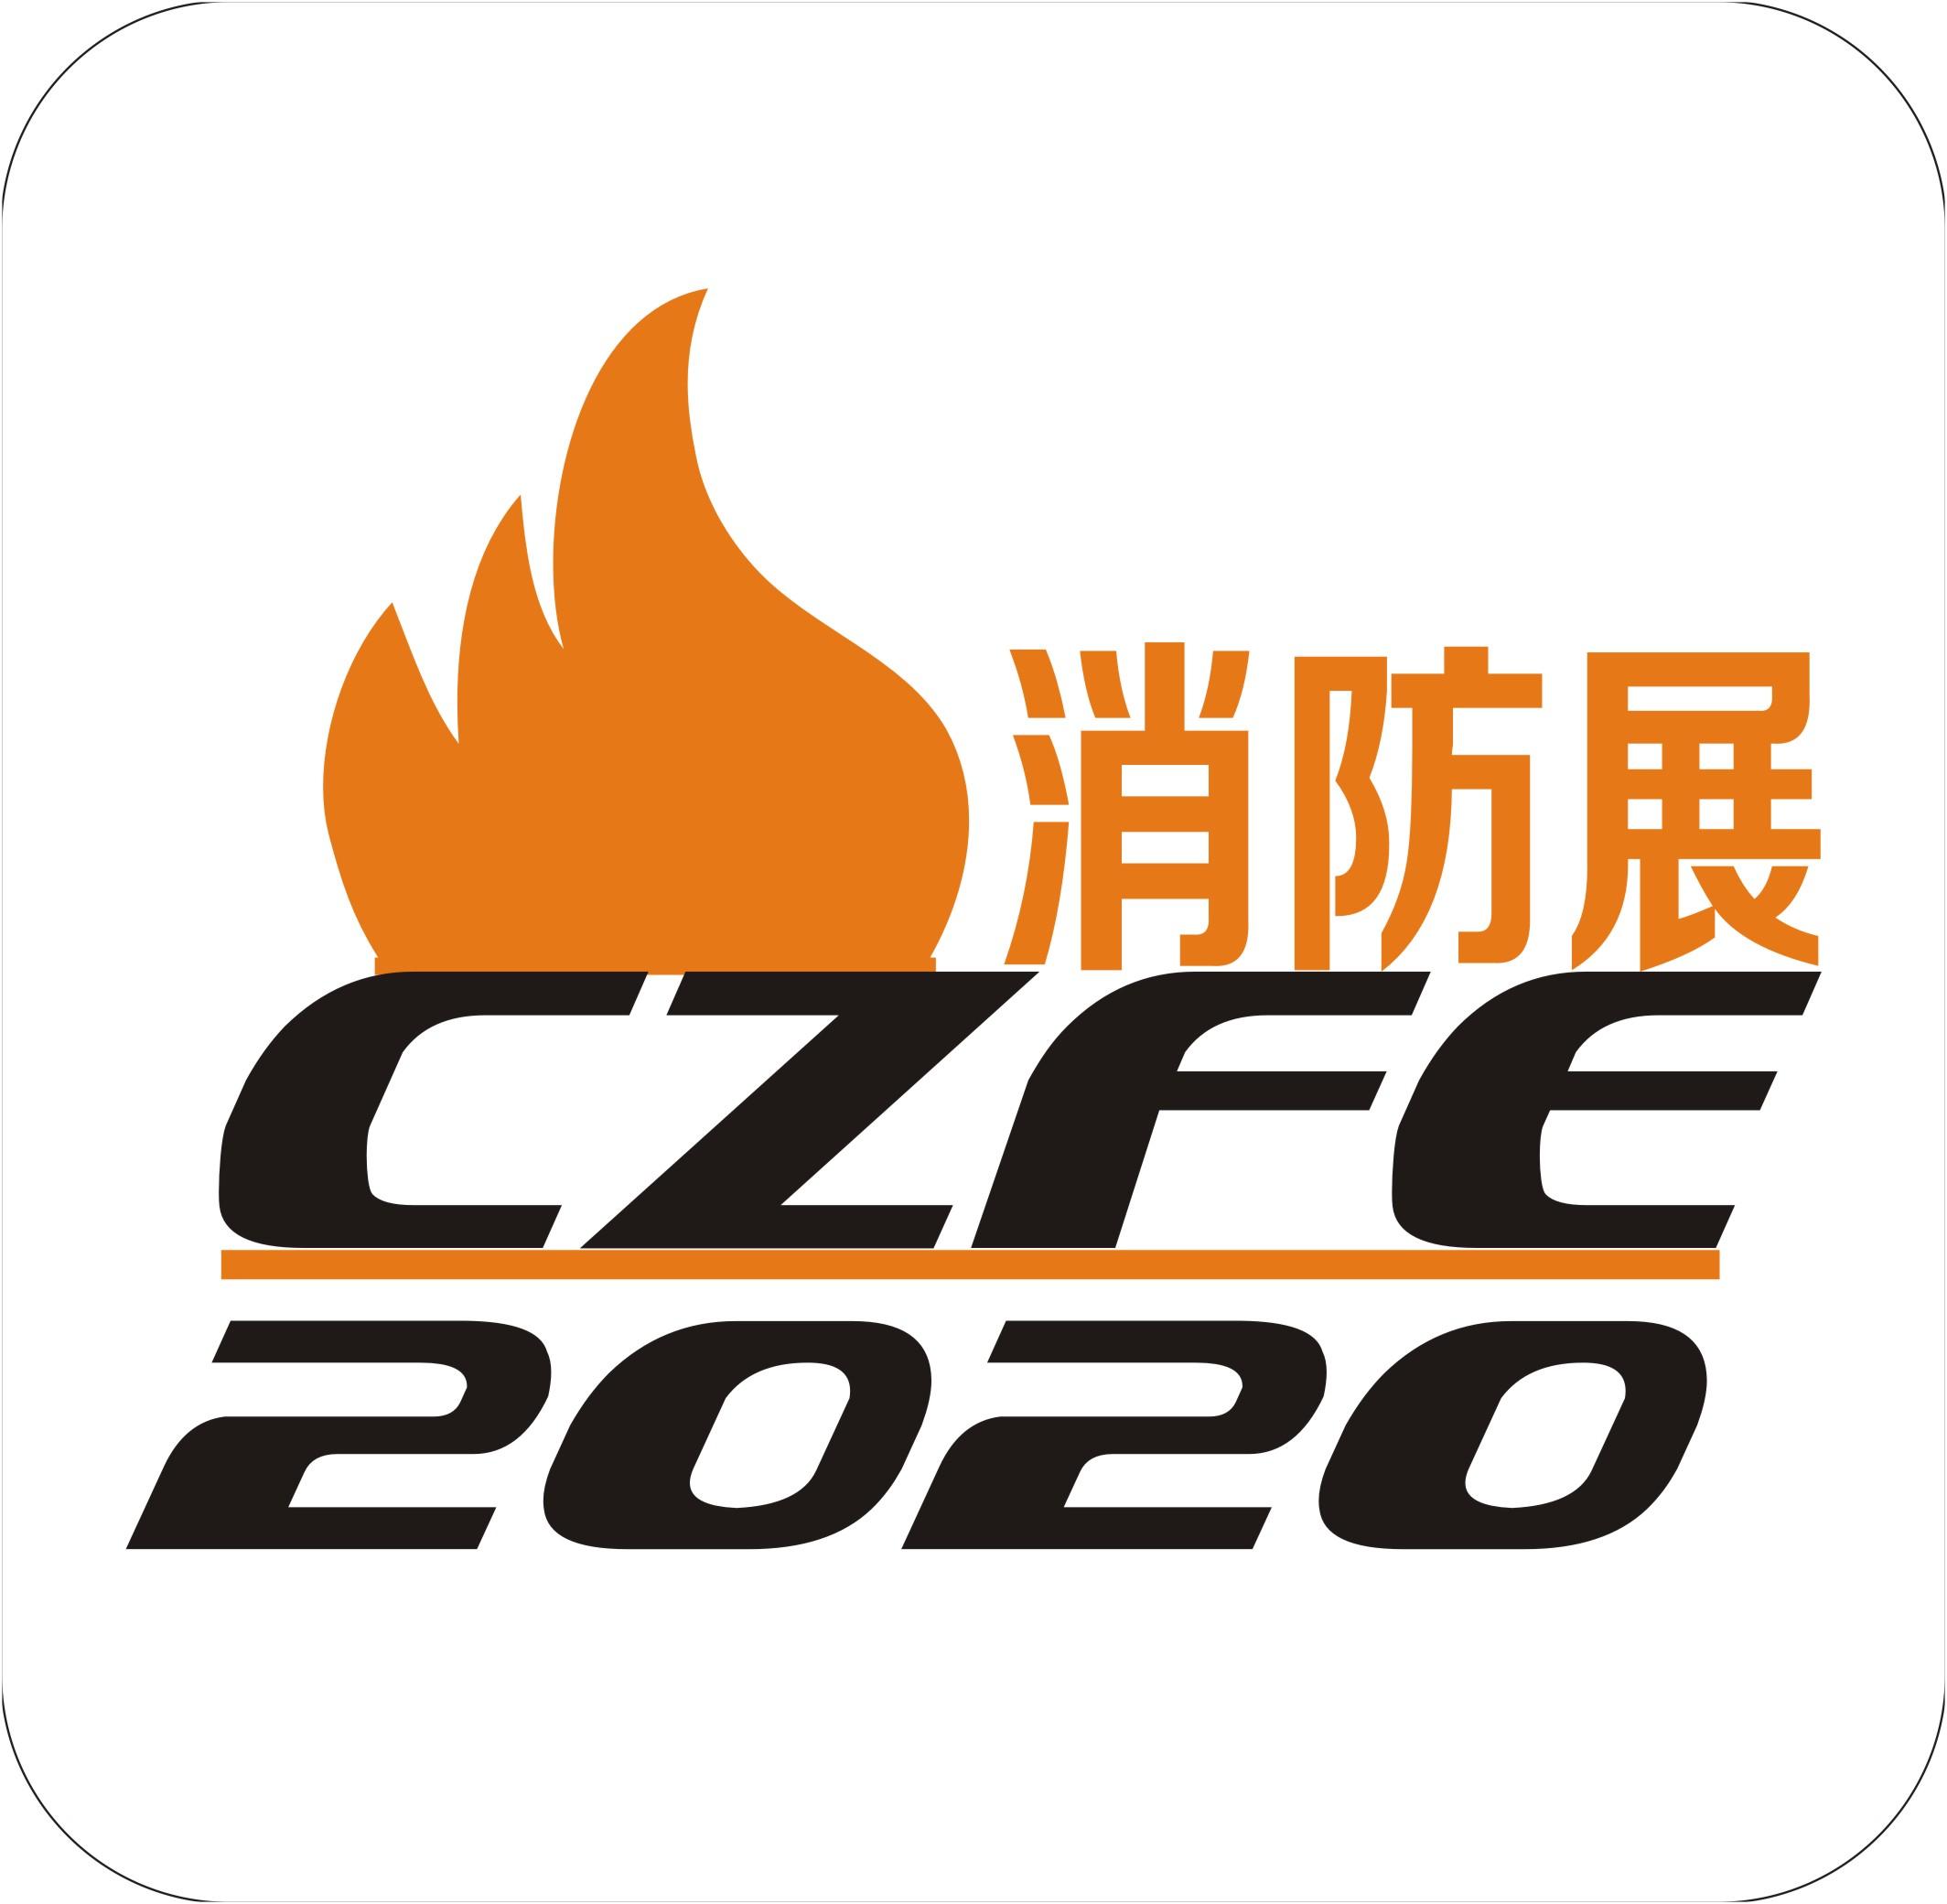 2020郑州消防展-管廊支架-抗震支架展